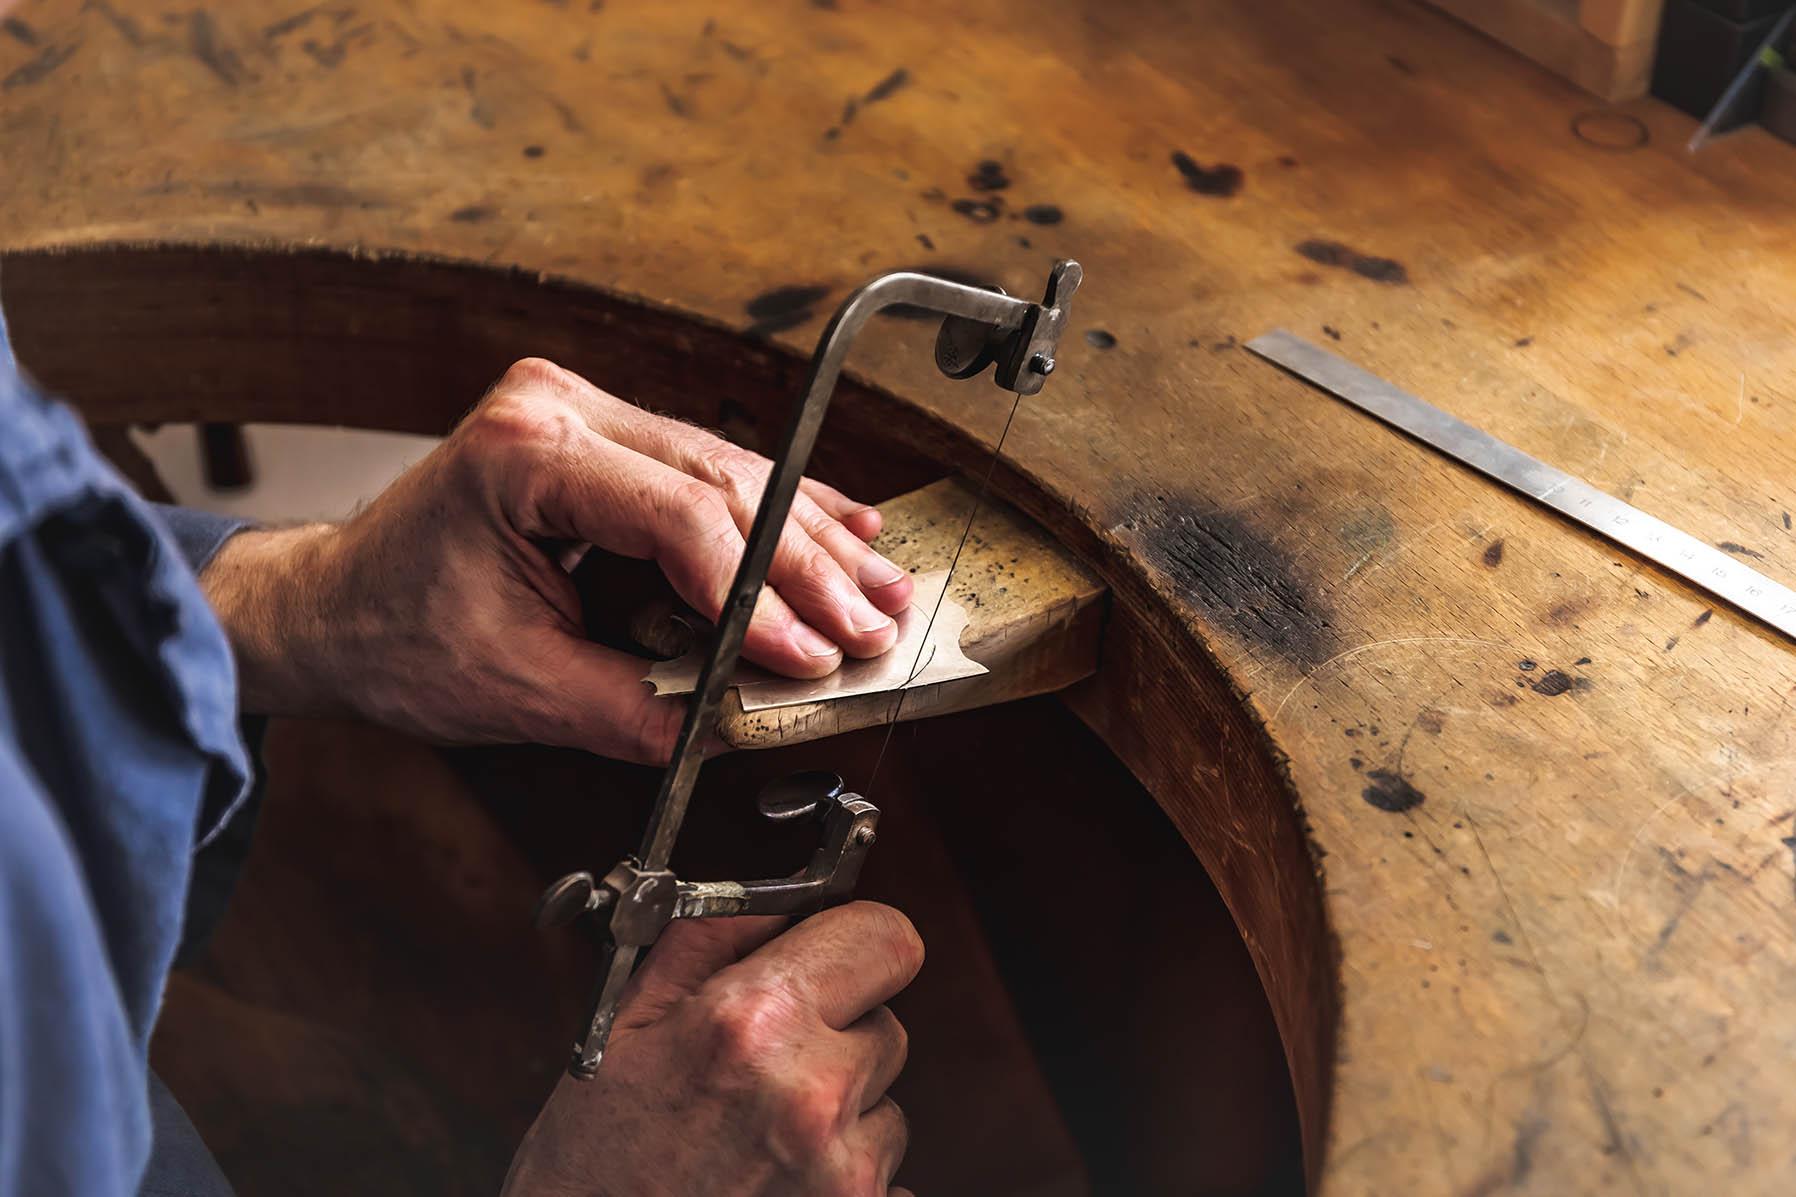 Uhr anfertigen lassen Uhren Leopold Handarbeit Zifferblatt aus Silber per Hand sägen